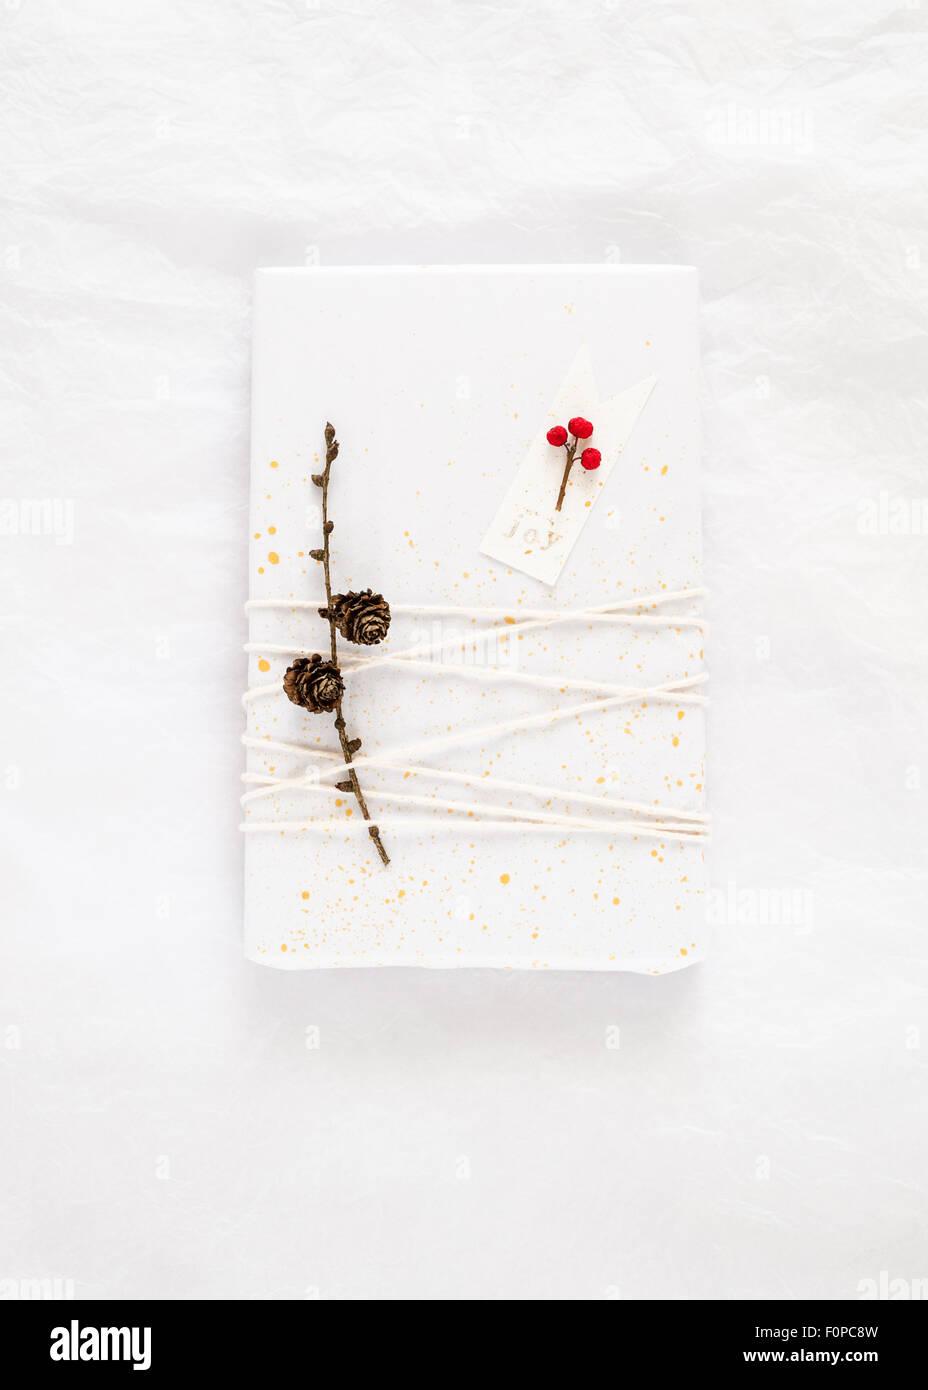 einfache Geschenkverpackung gemacht mit weißem Seidenpapier verziert mit spritzt Goldfarbe Bindfaden einen Stockbild